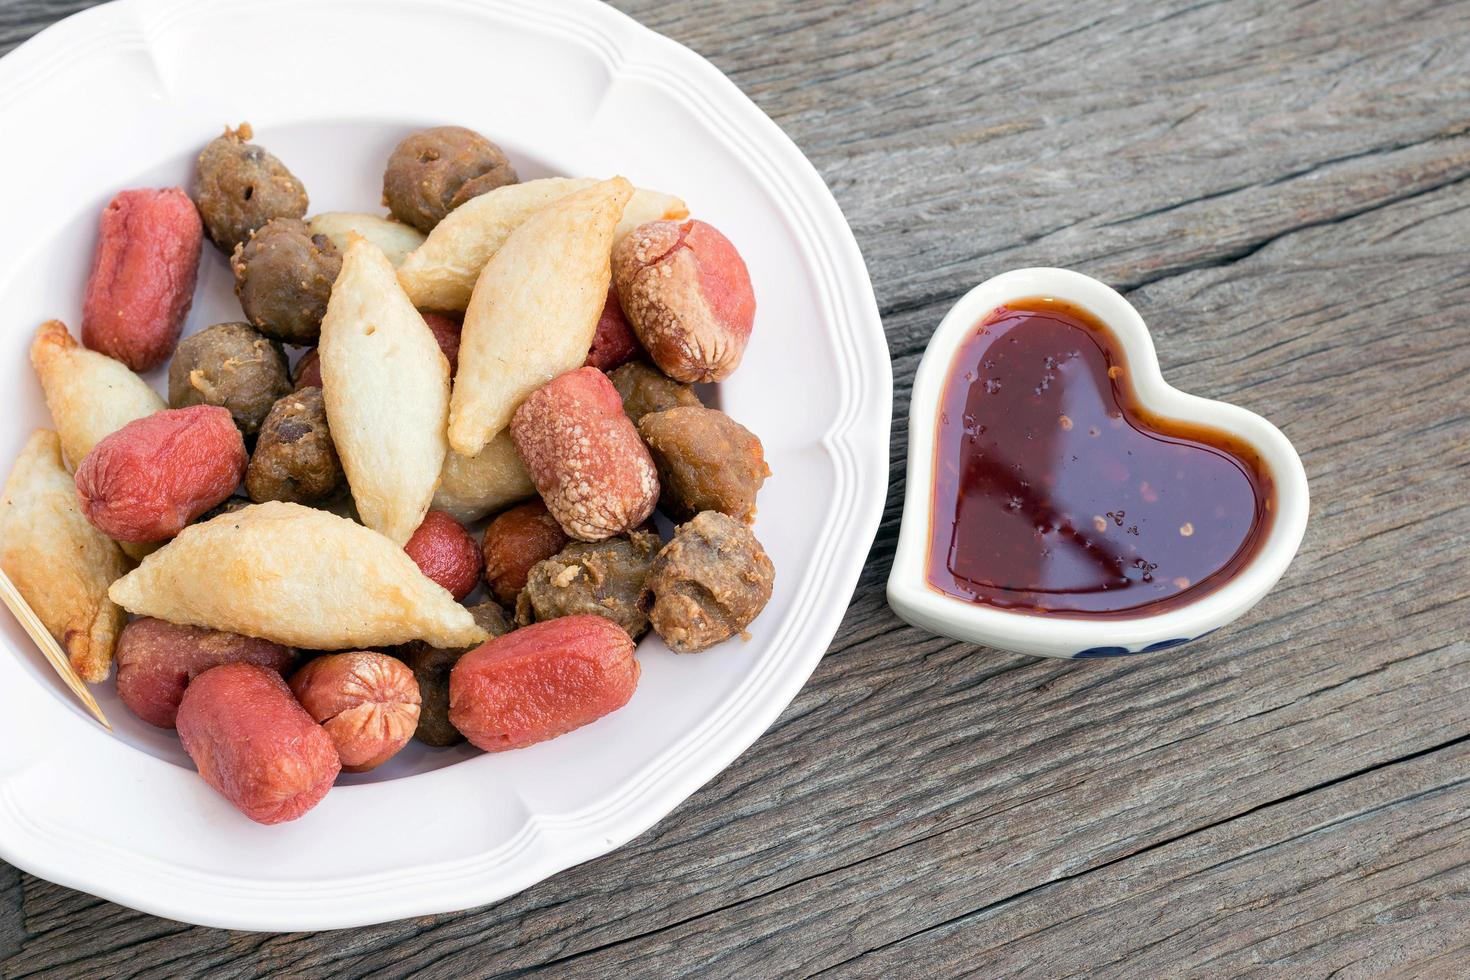 boulettes de viande frites avec sauce photo